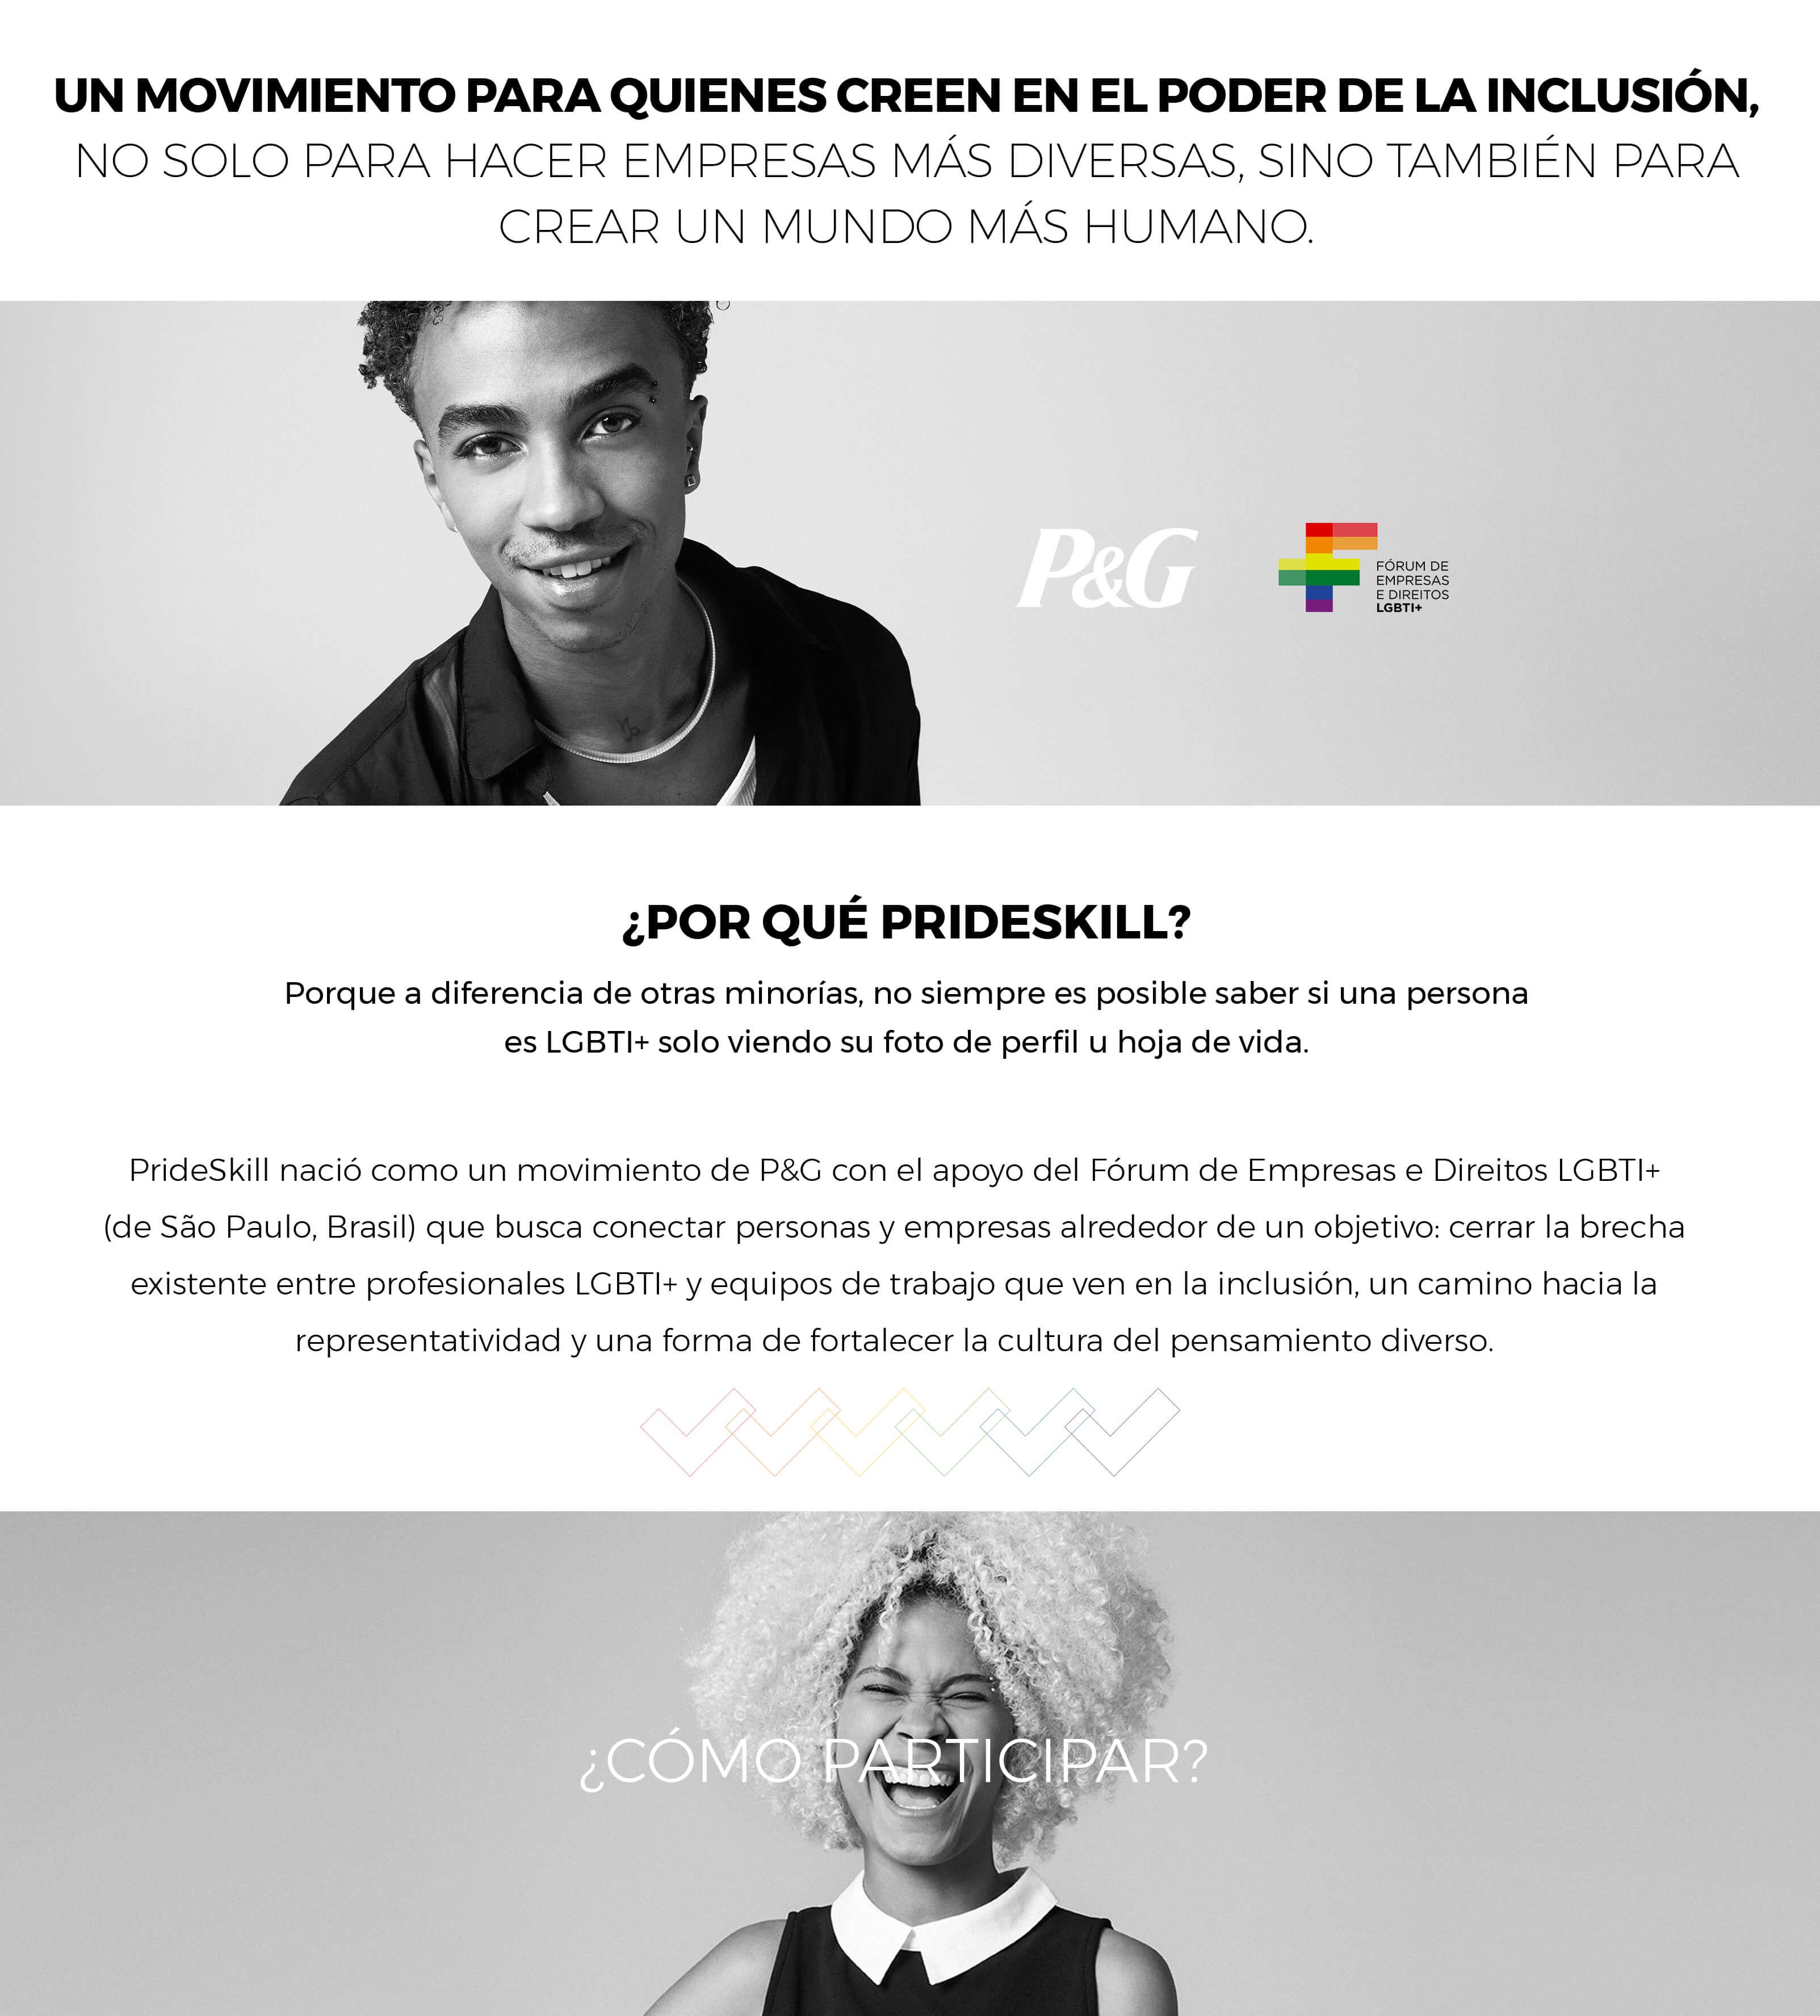 P&G y Coca-Cola México se unen con el movimiento #PrideSkill para fomentar la diversidad en el mercado laboral y celebrar el orgullo LGBTQ+